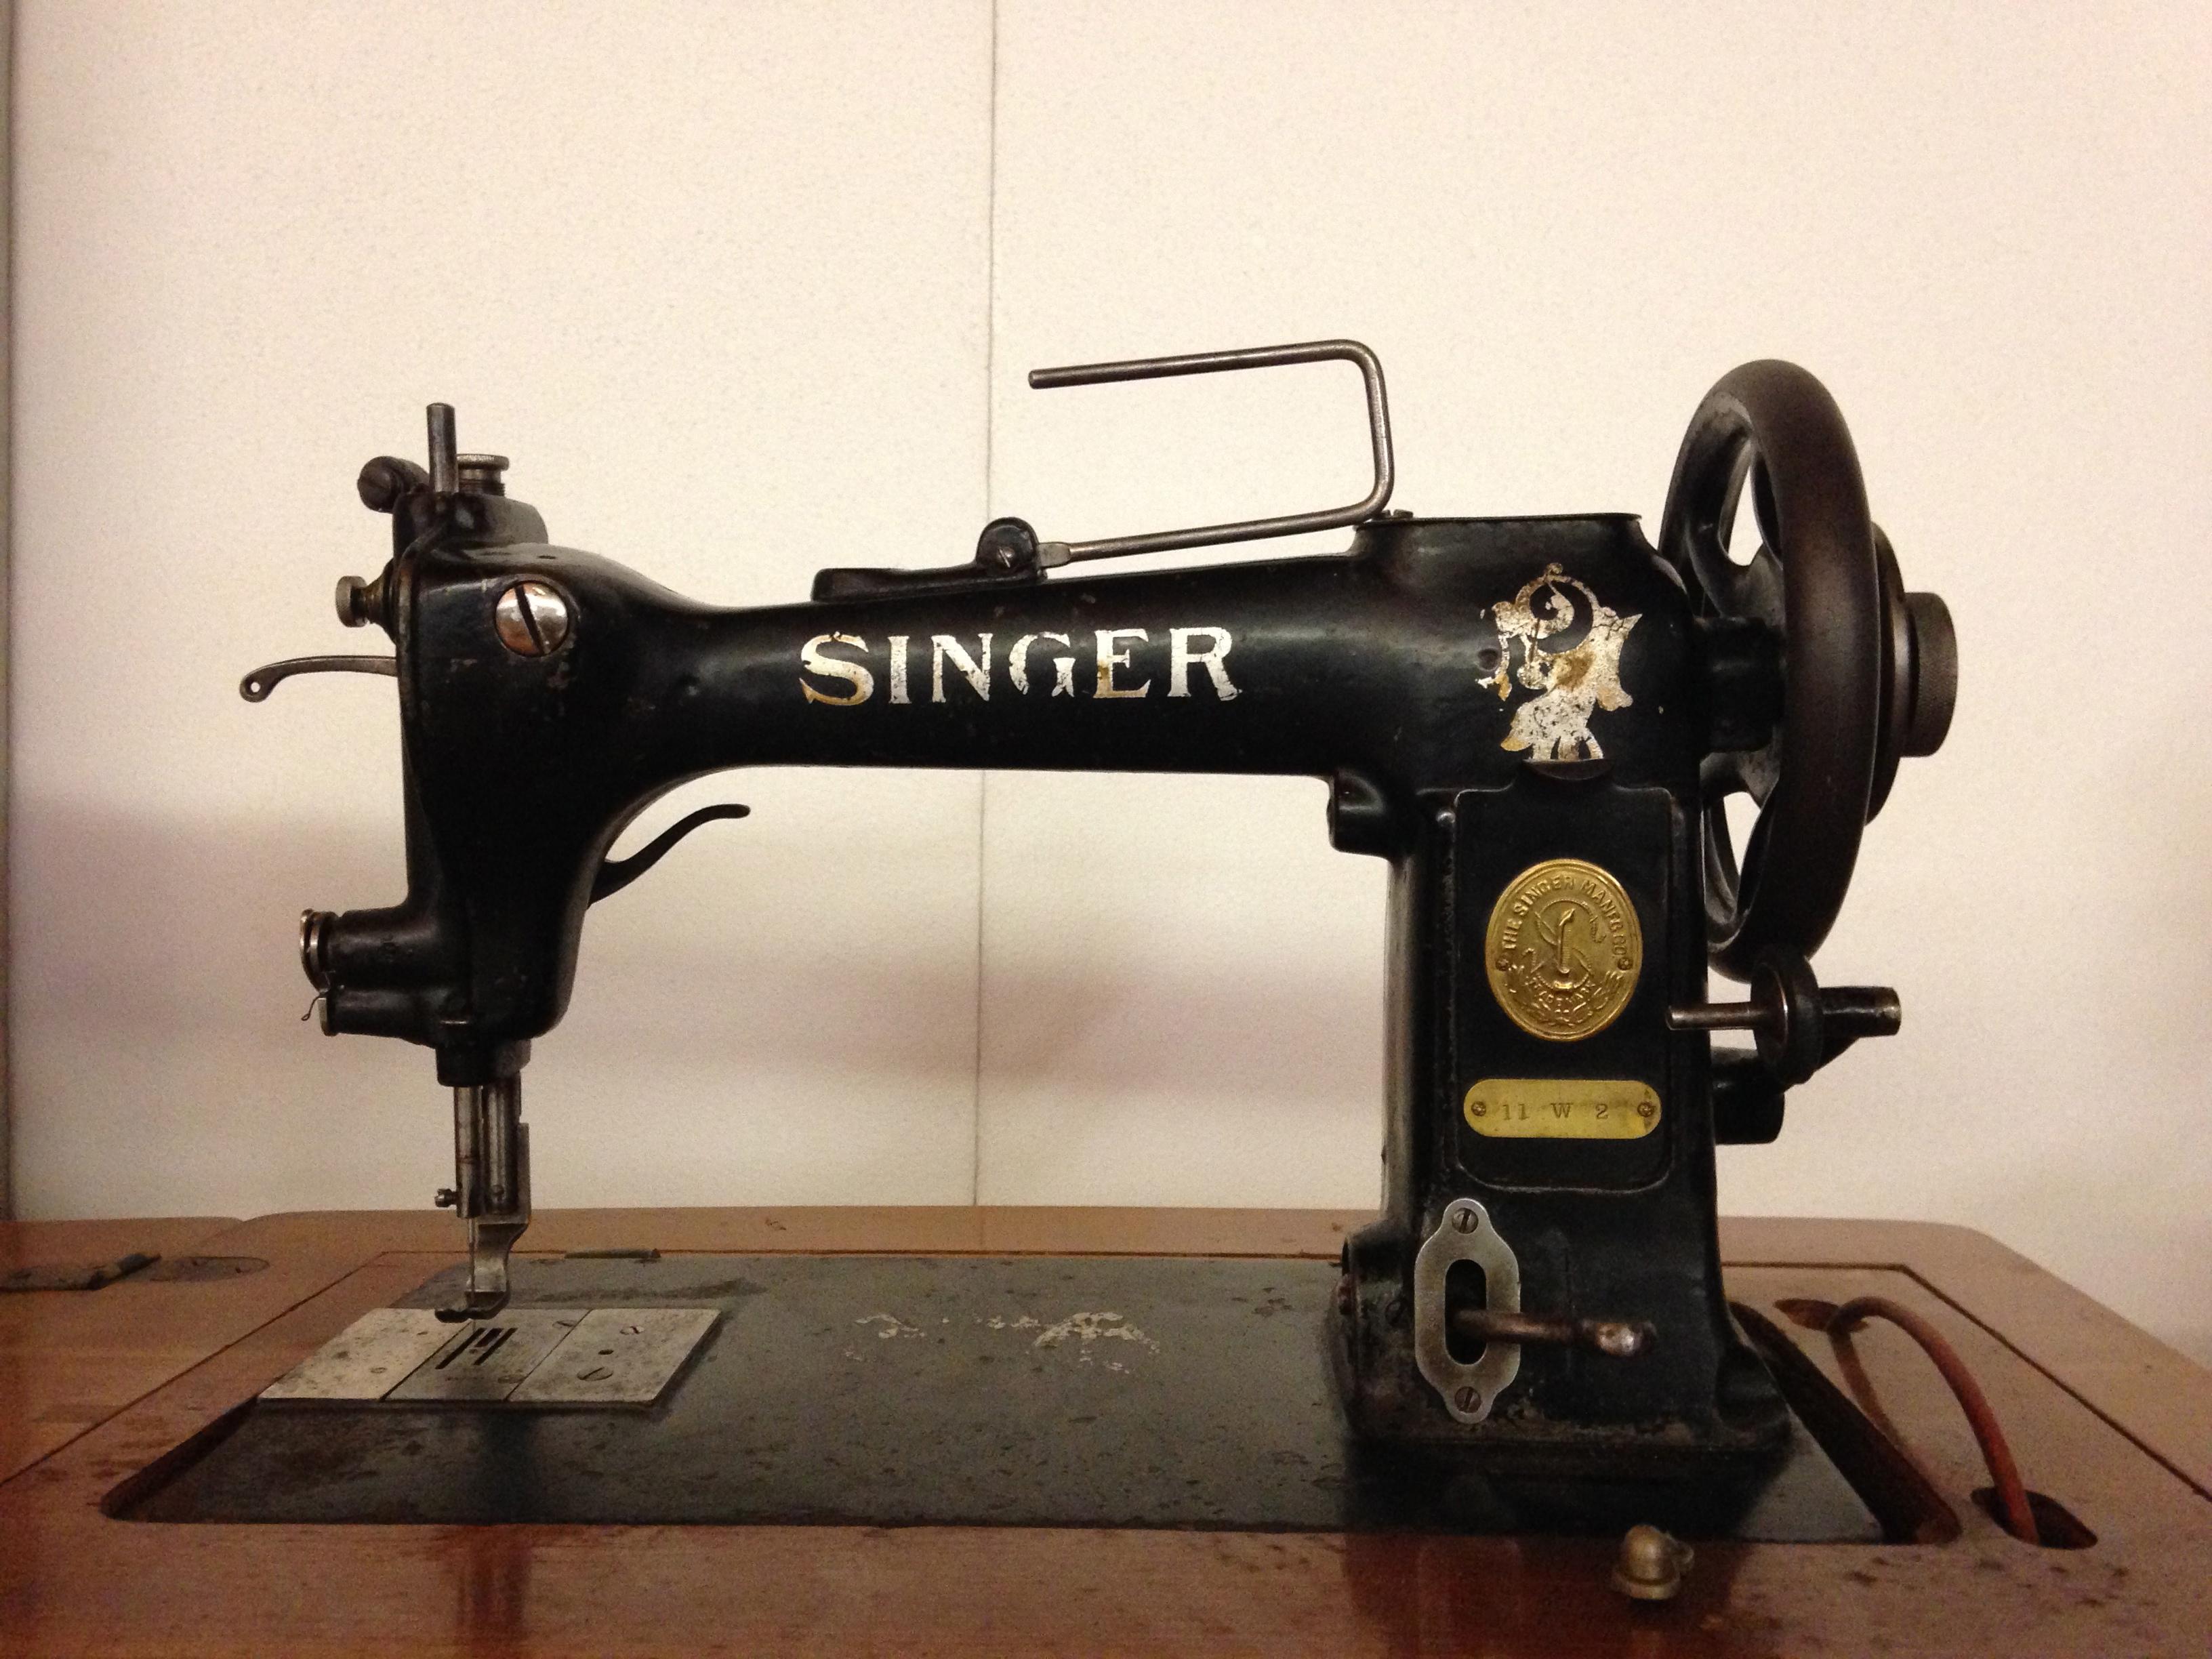 Macchine da cucire singer d 39 epoca nuove o usate offerte for Macchine da cucire usate